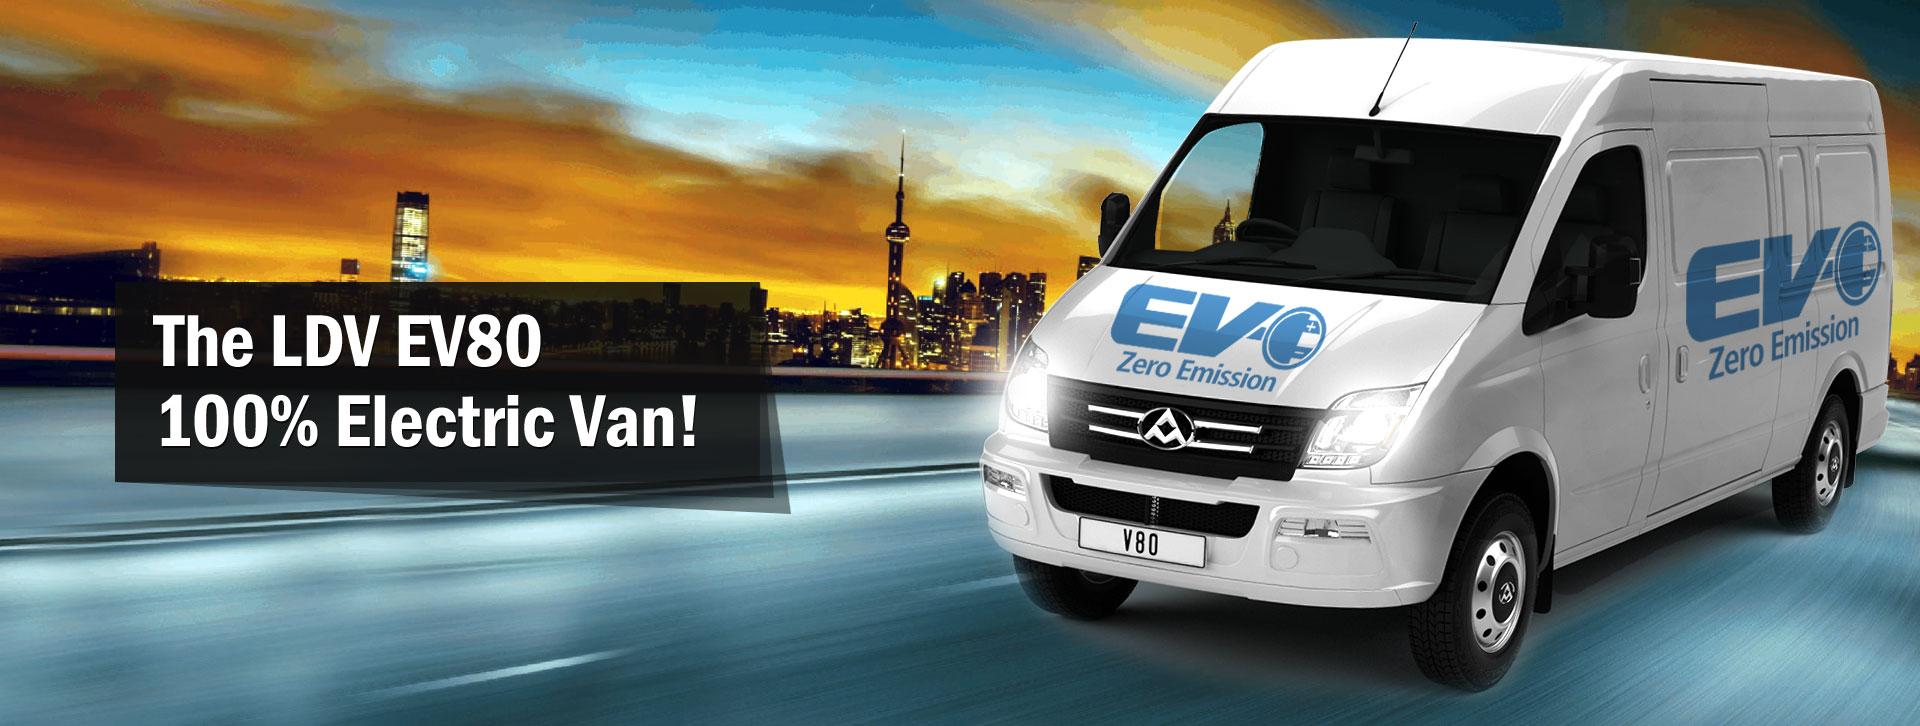 LDV V80 Electric Van